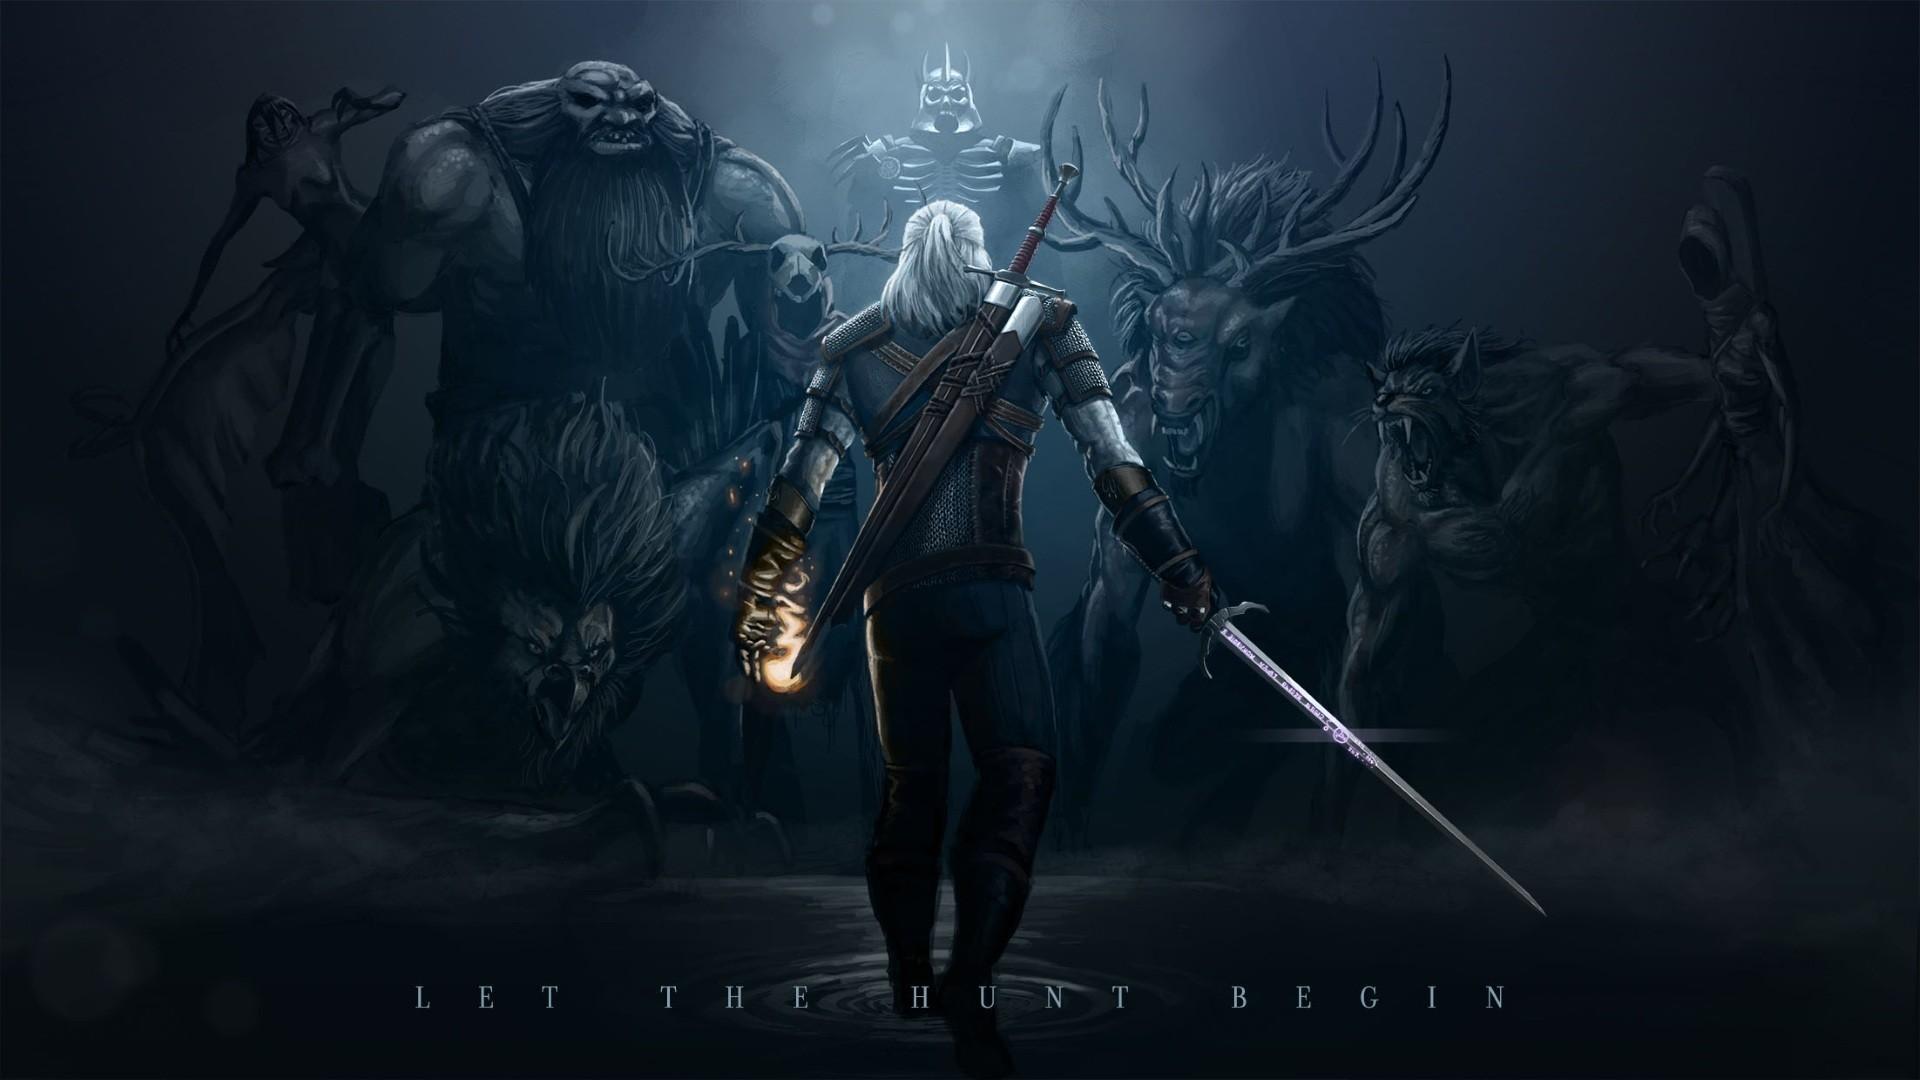 Wallpaper the witcher 3, wild hunt, monsters, art, warrior